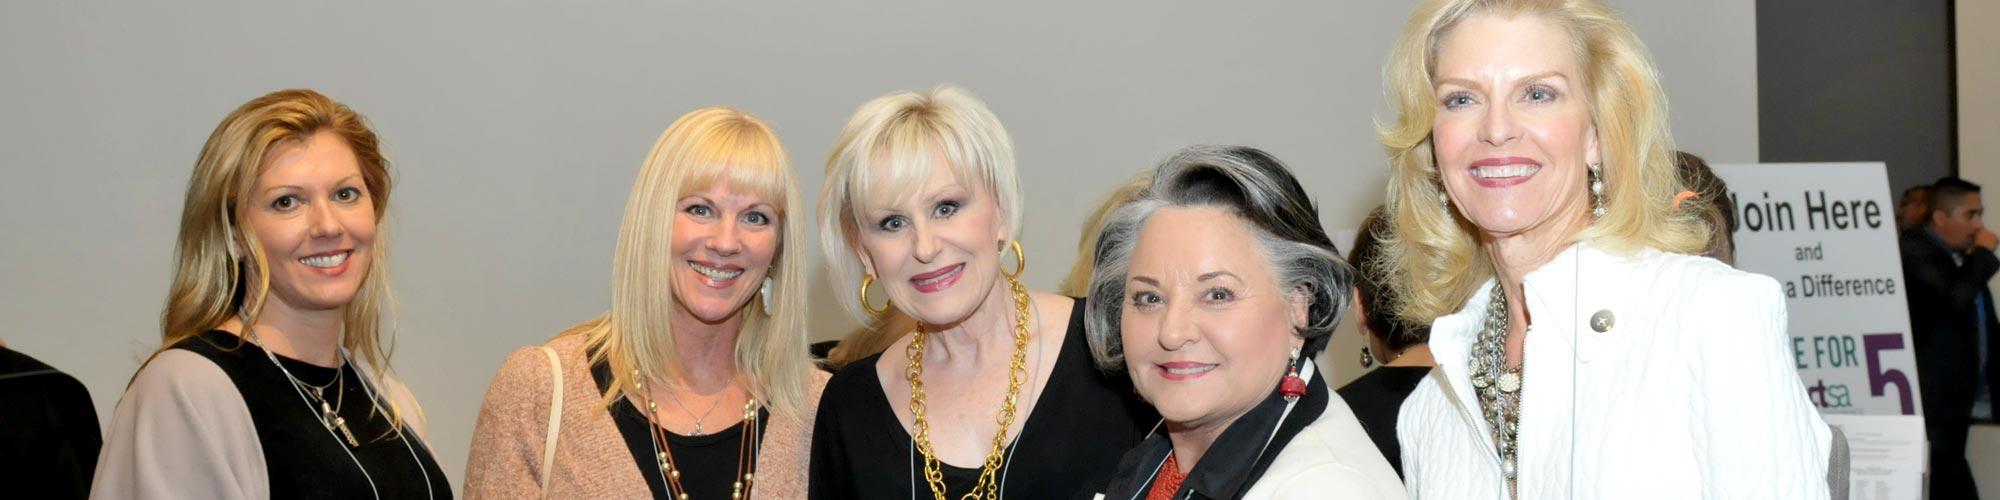 Members of Impact SA